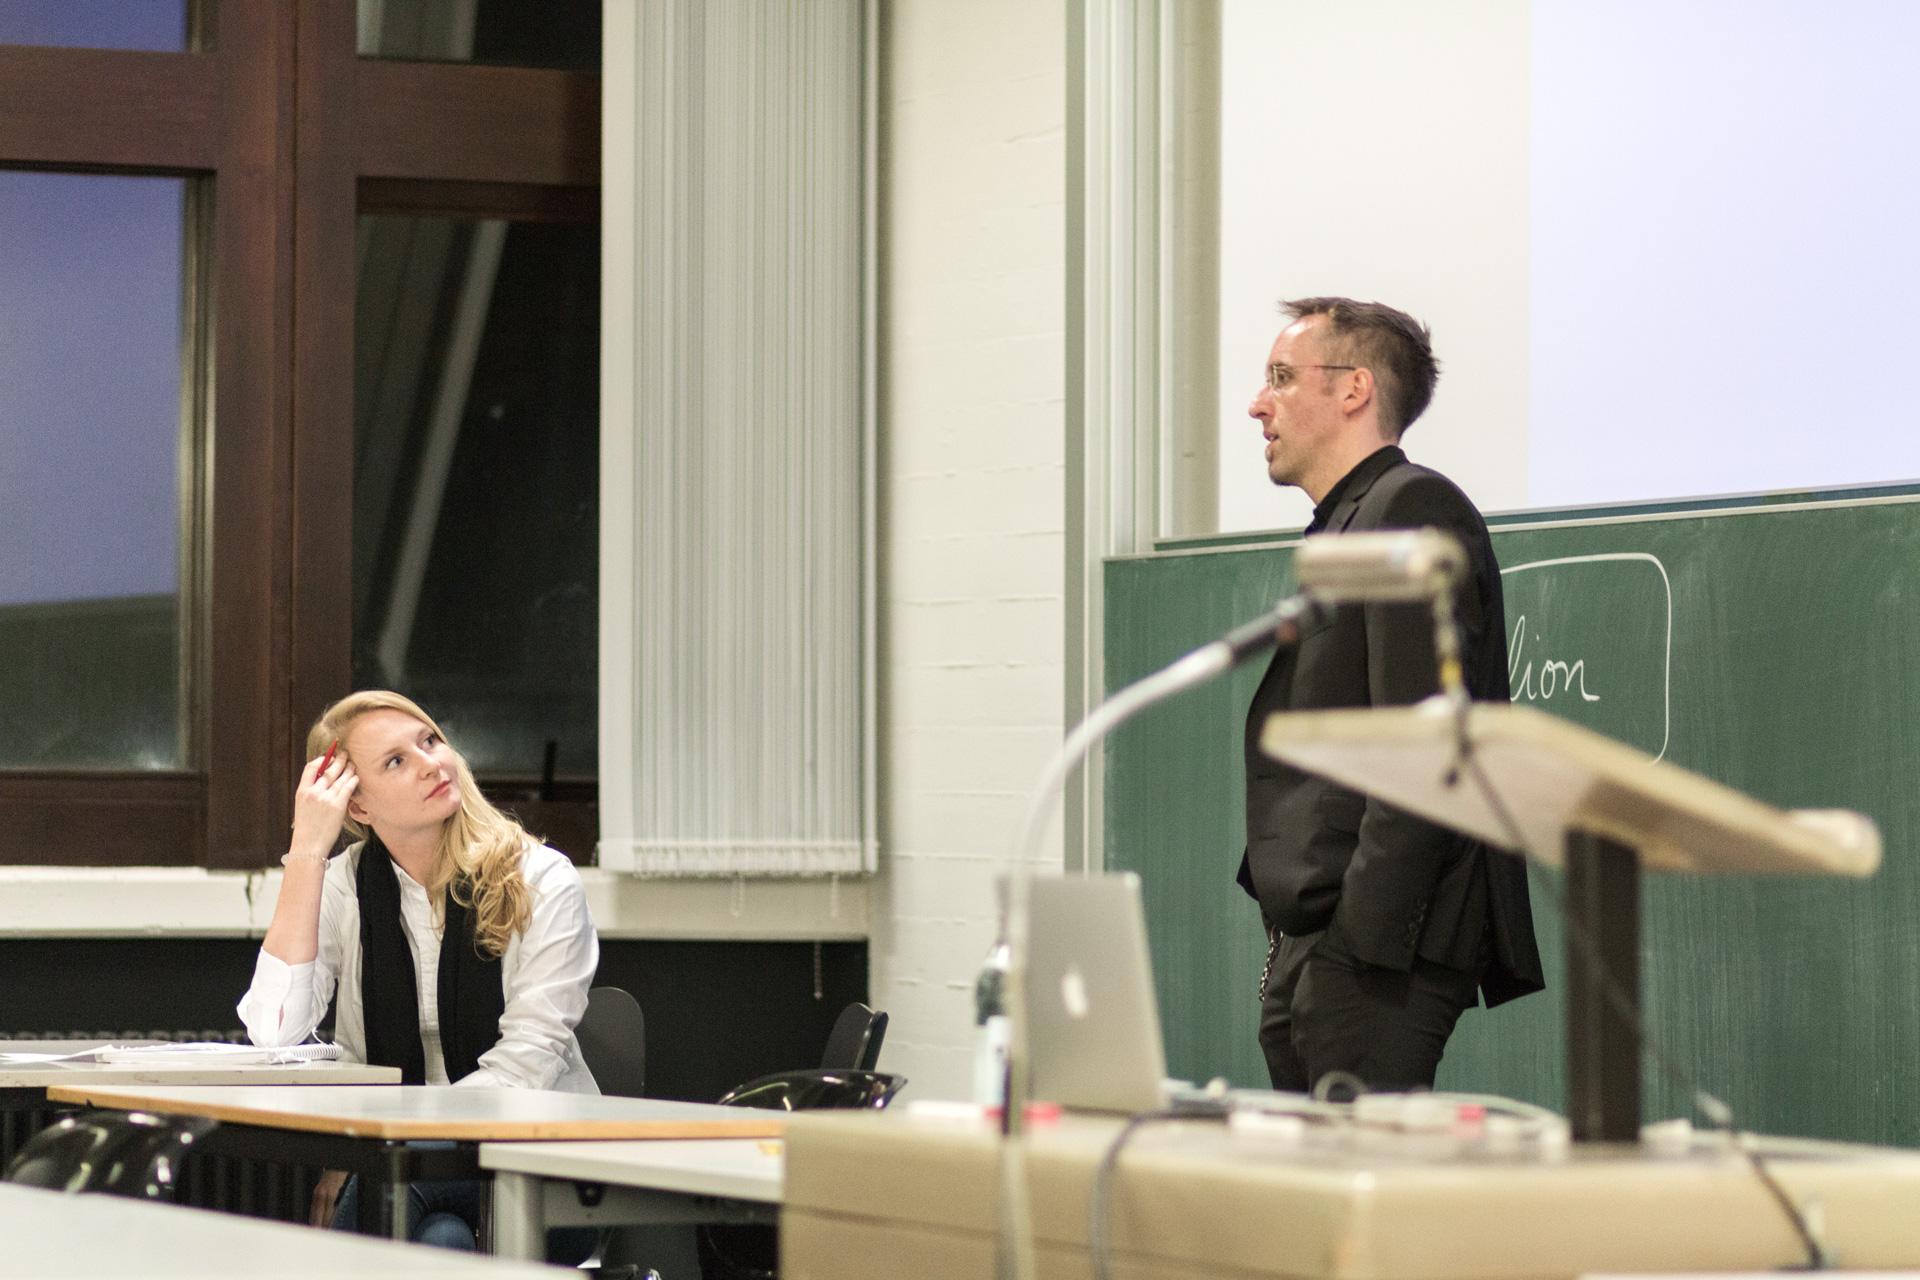 Im Anschluss an den Vortrag von Sven Adam konnten unter der Moderation von Veronika Maria Apfl noch Fragen gestellt werden.